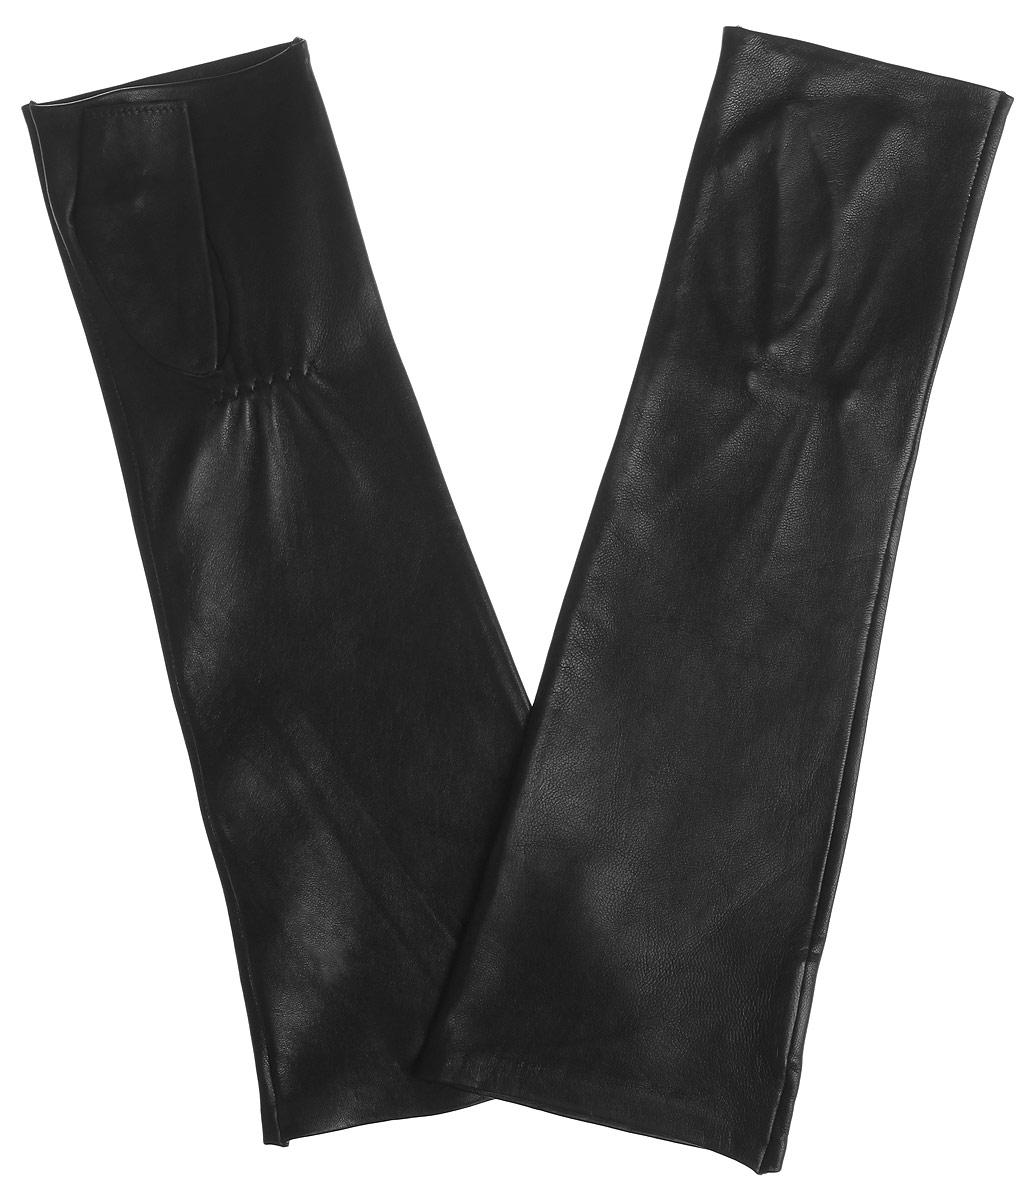 Митенки2.48-1 blackЛаконичные митенки Fabretti изготовлены из гладкой, невероятно мягкой натуральной кожи. Тыльная сторона дополнена резинкой для оптимальной посадки модели на руке. Изначально длинные перчатки, выше локтя, с открытыми пальцами когда-то ласково называли на французский манер - митени, но нам они более известны как митенки. Митенки и сегодня не утратили своей актуальности. Удобный, стильный и красивый аксессуар идеально подойдет для прохладной осенне-весенней погоды, согреет вас и станет блестящим дополнением оригинального образа!